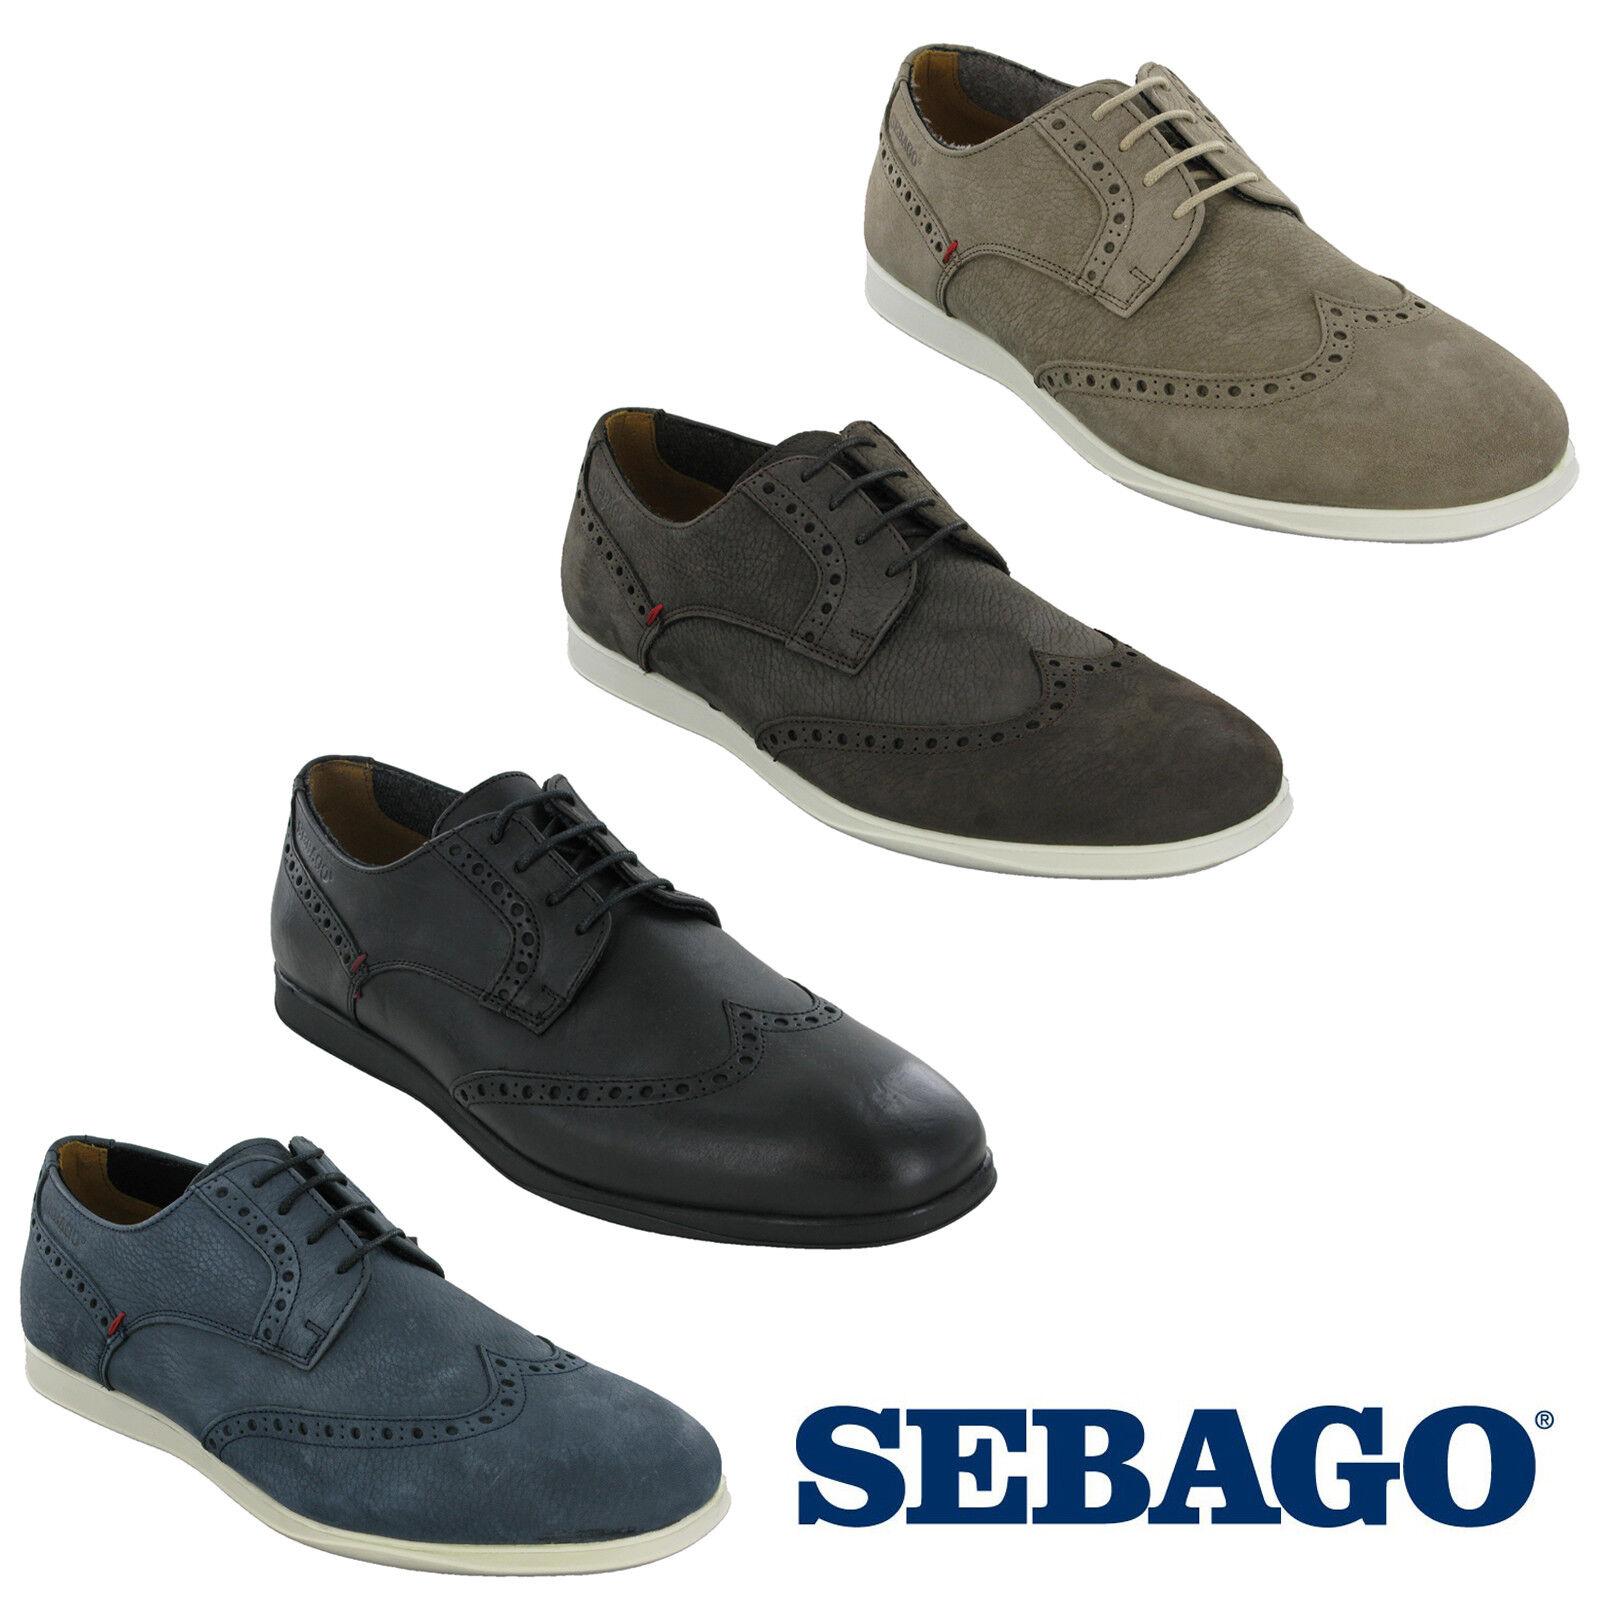 Sebago Reid Wing Punta Para Hombre de Cuero Entrenadores inteligente Corte Bajo Zapatos Casuales UK8-10.5